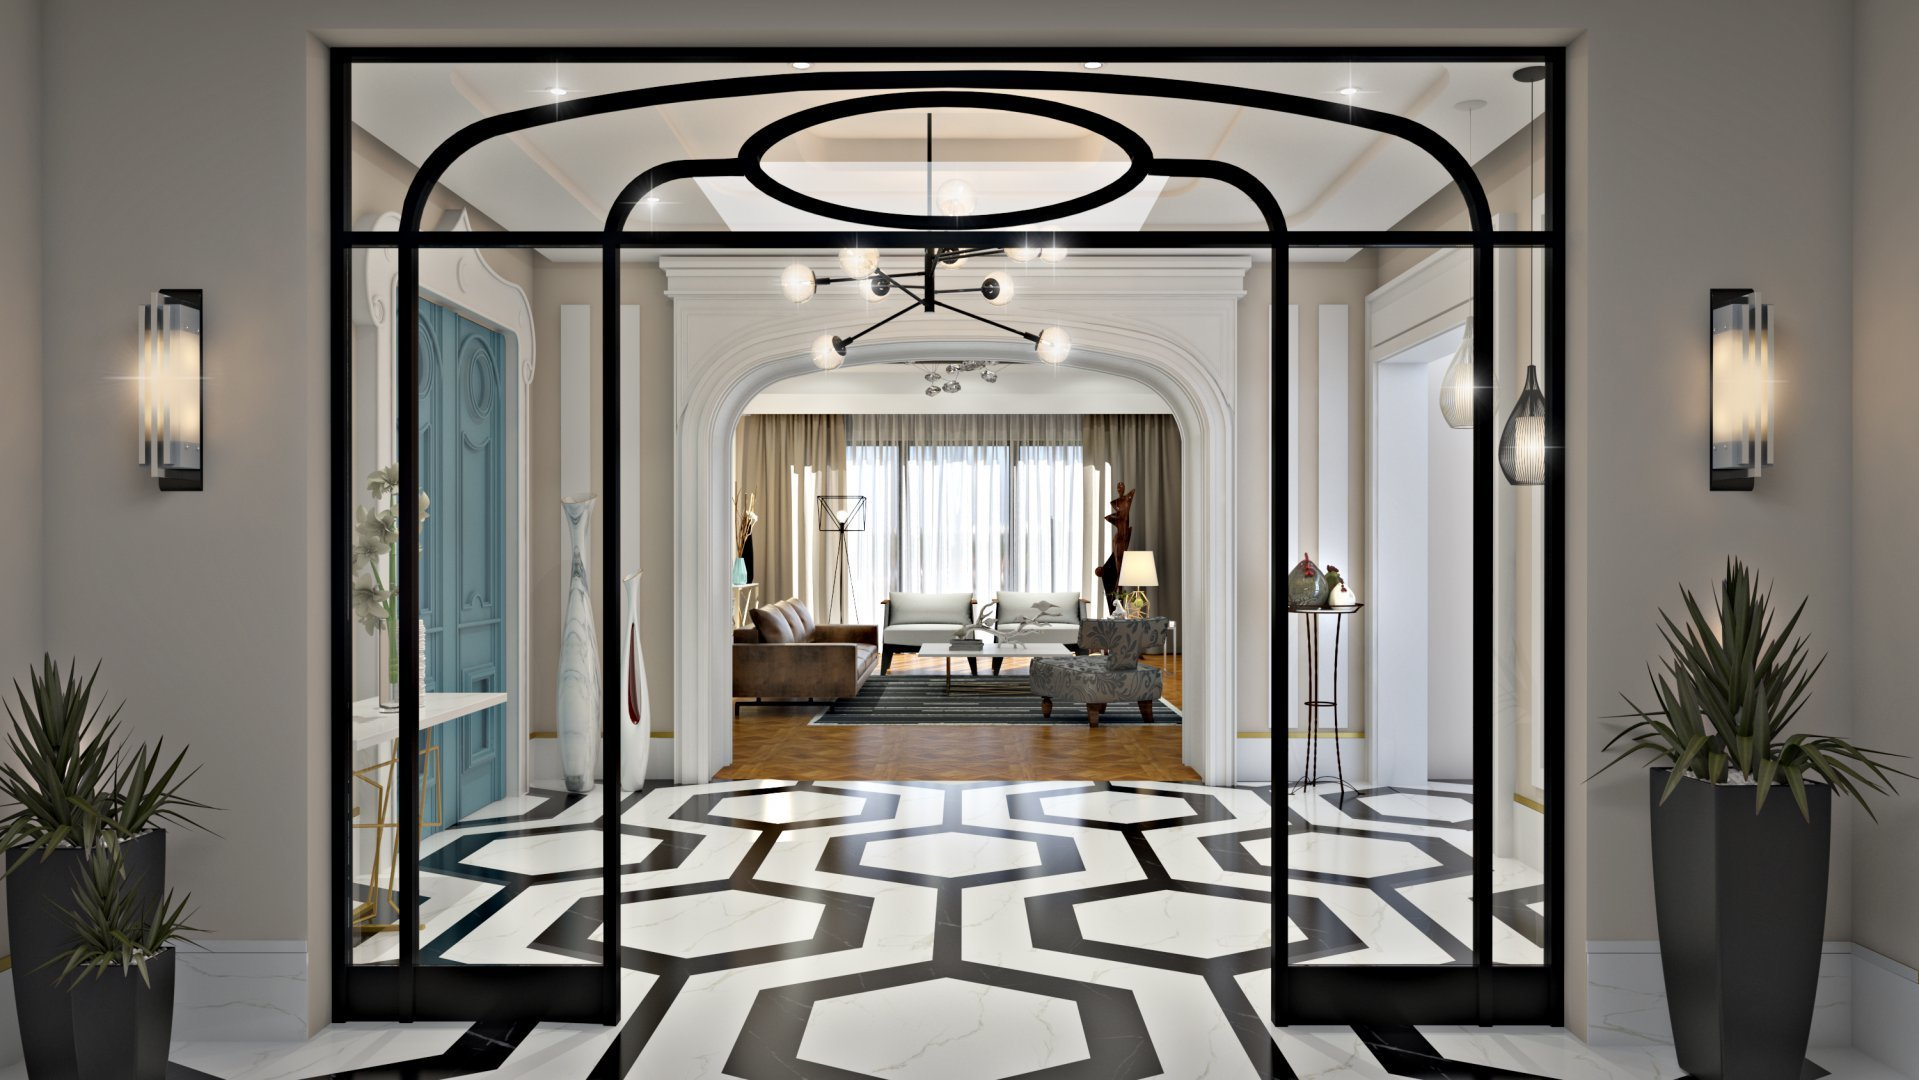 Villa in Dubai, Dubai, United Arab Emirates 1 - 10826768